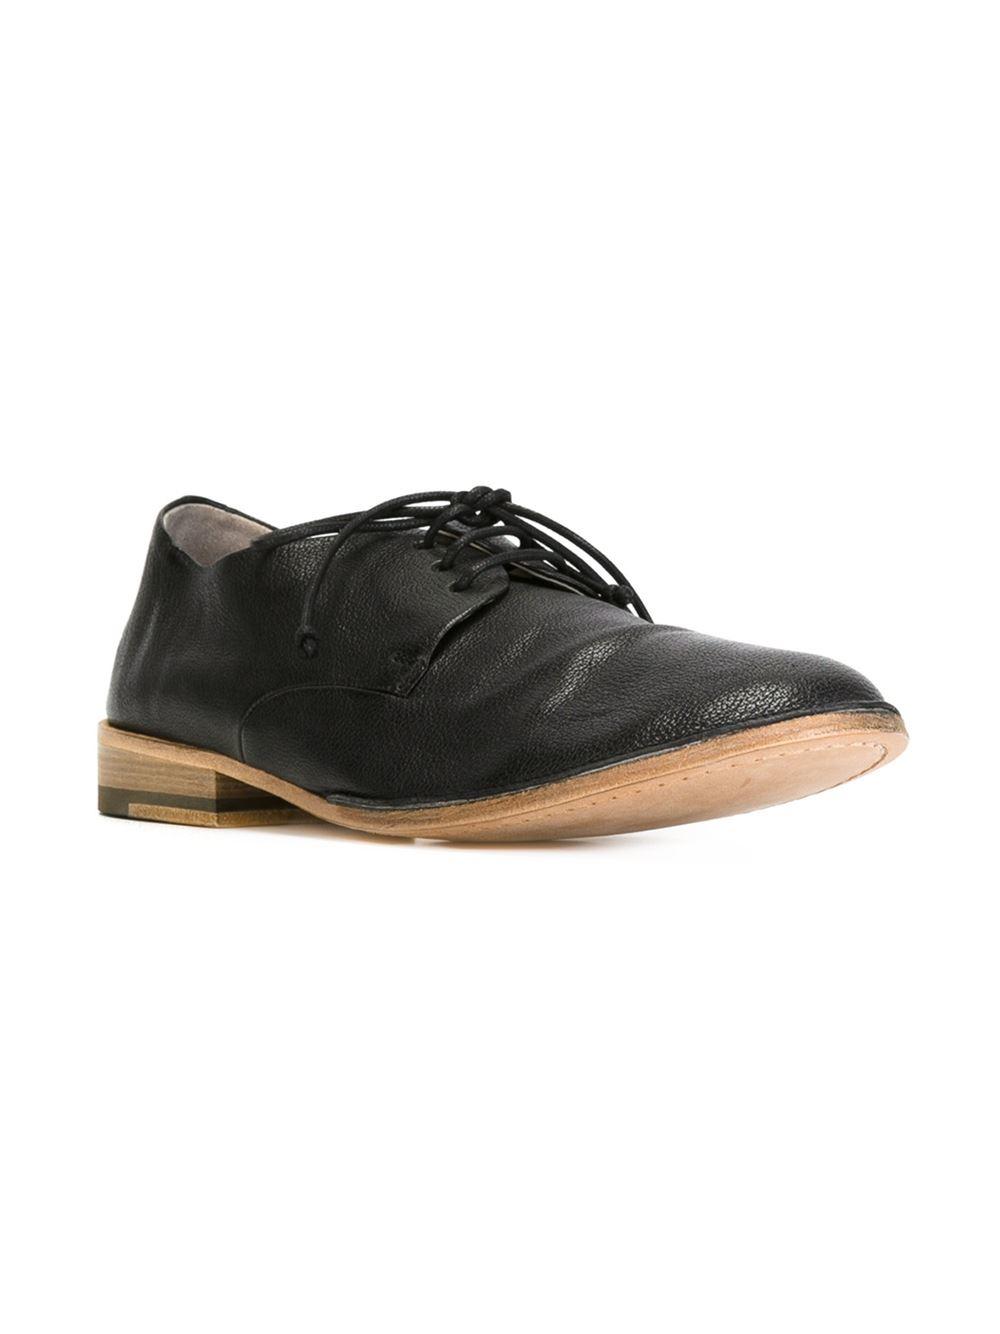 Giuliano Fujiwara Men S Shoes